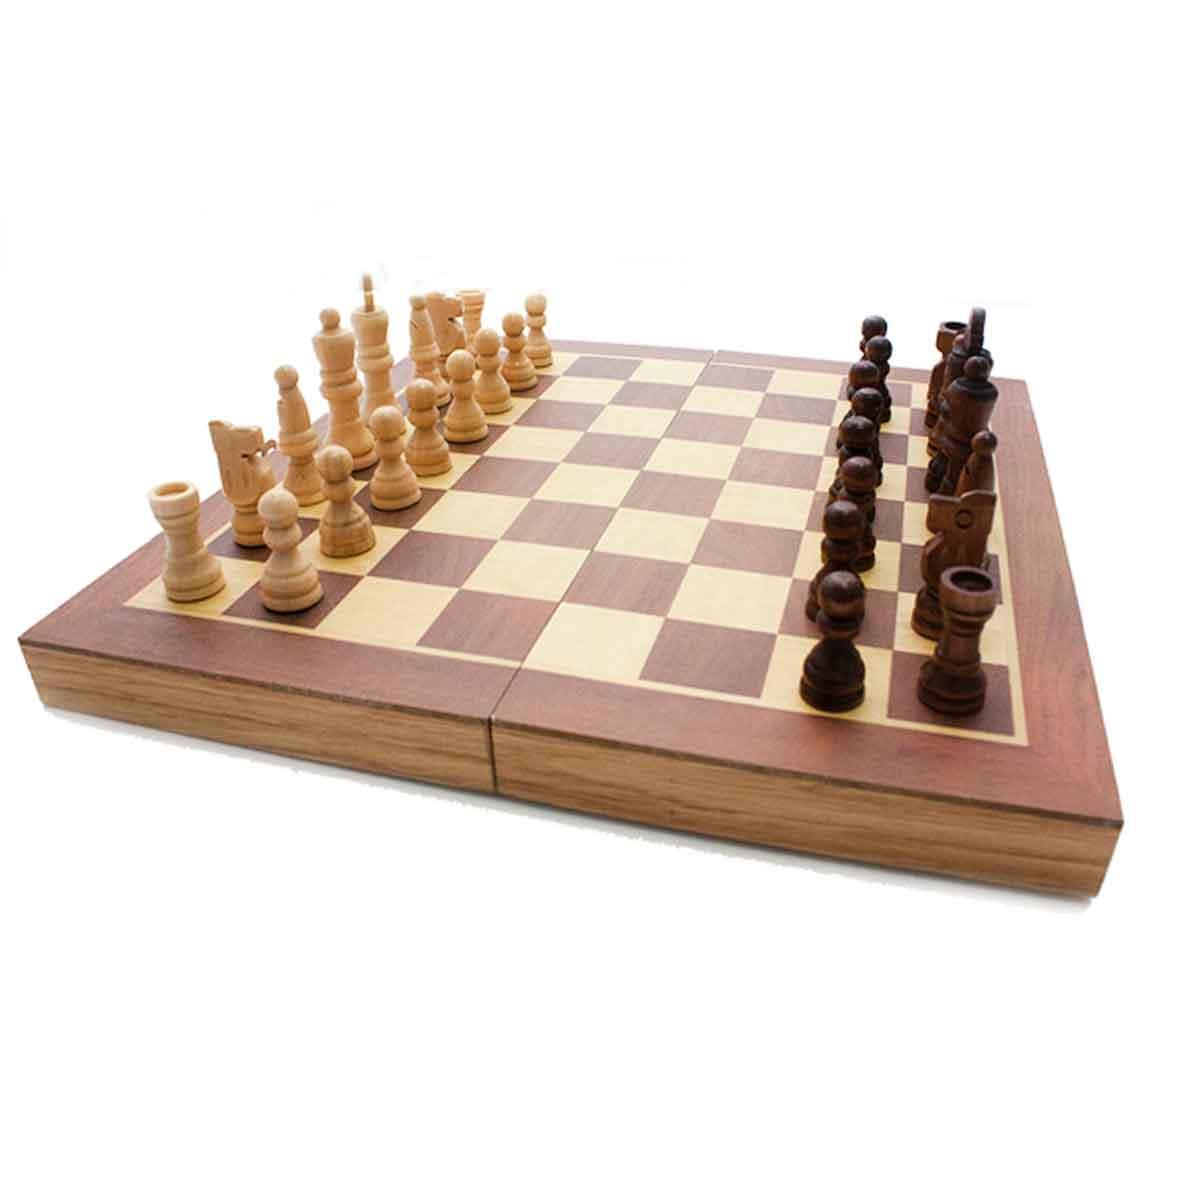 Jogo Xadrez Dama Gamão Madeira Tabuleiro 3 Em 1 40x40